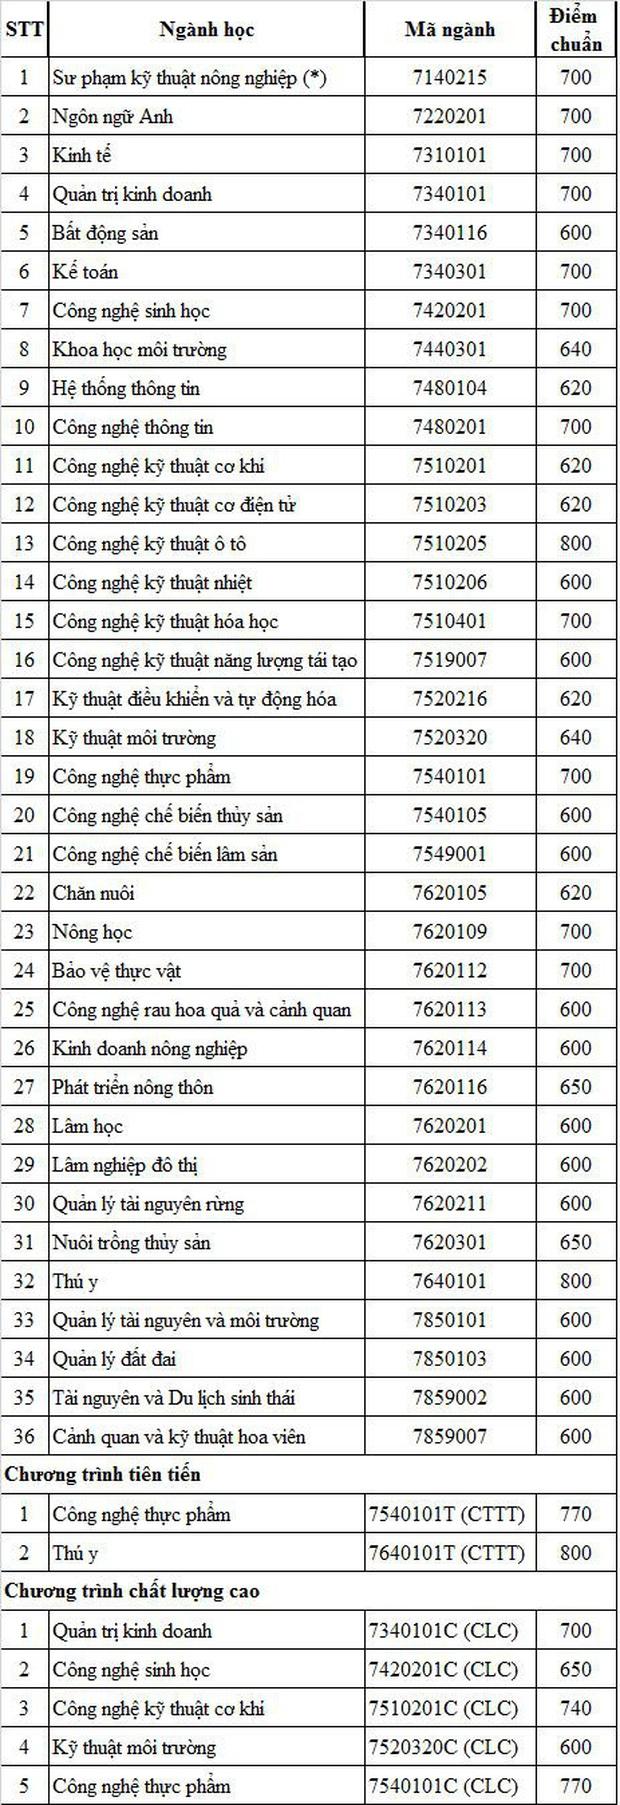 Cập nhật 25/9: Điểm chuẩn và điểm sàn của hơn 90 trường đại học top đầu, dao động từ 20-28 điểm - Ảnh 8.